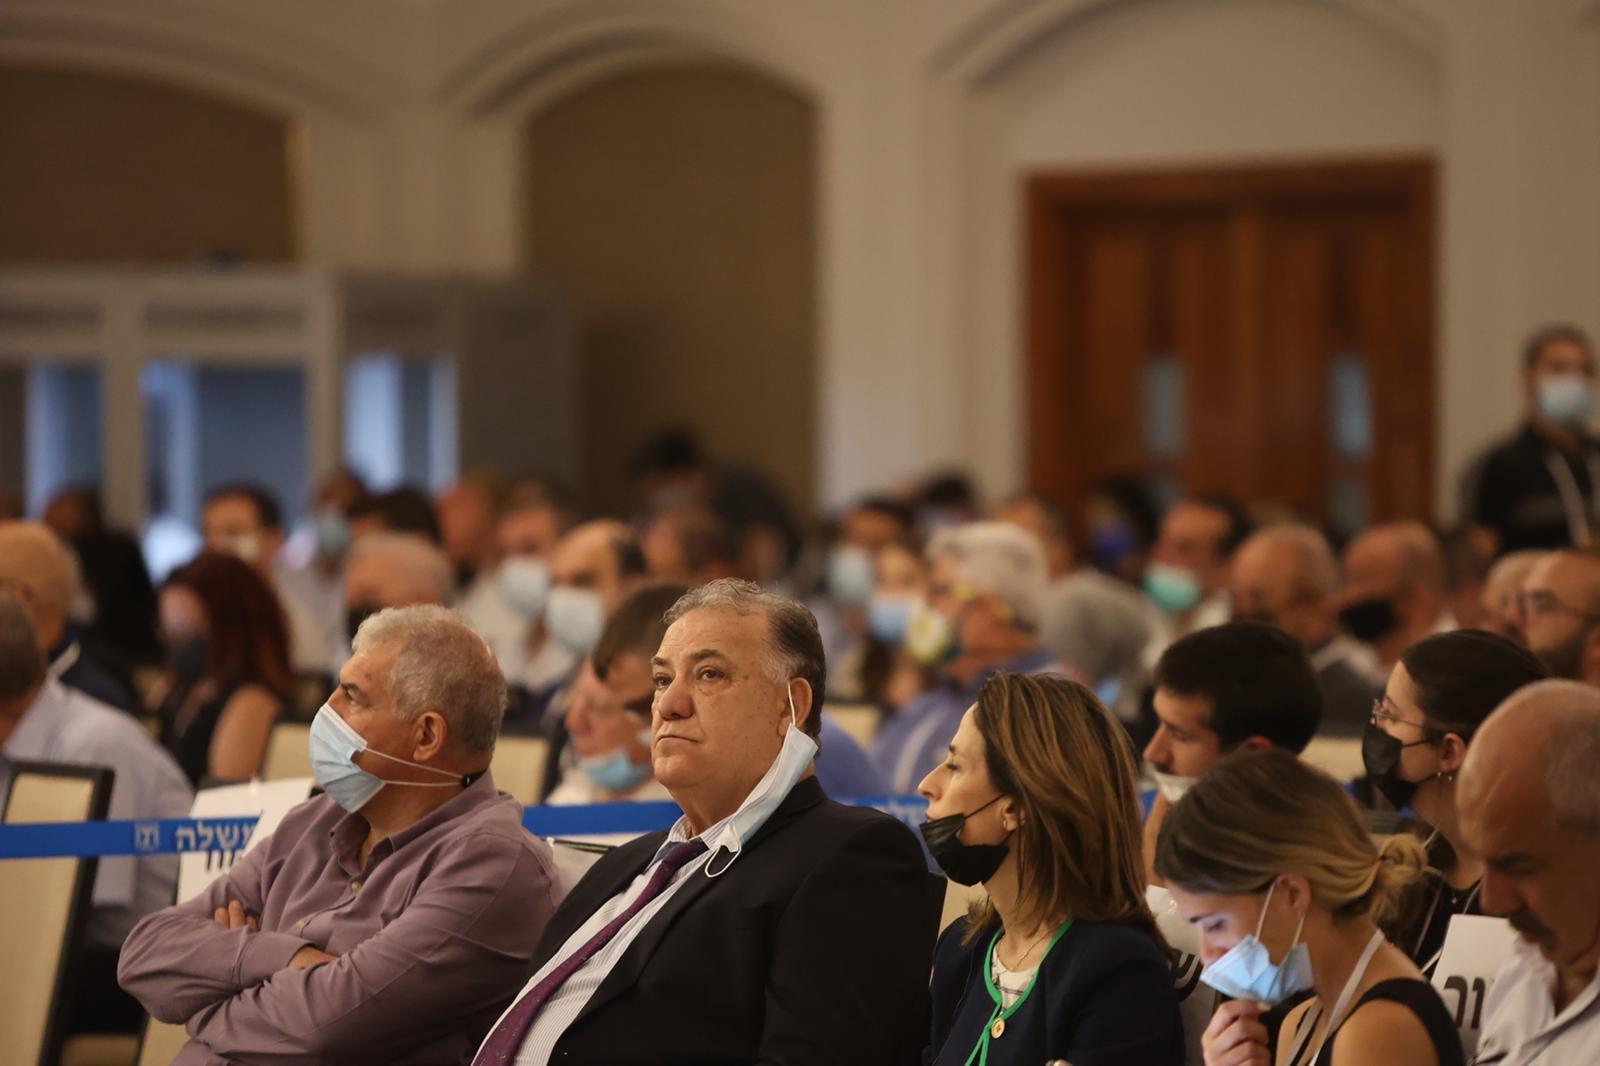 مشاركة كبيرة ومحاضرات هامة في المؤتمر الاقتصادي للمجتمع العربي بالناصرة-1